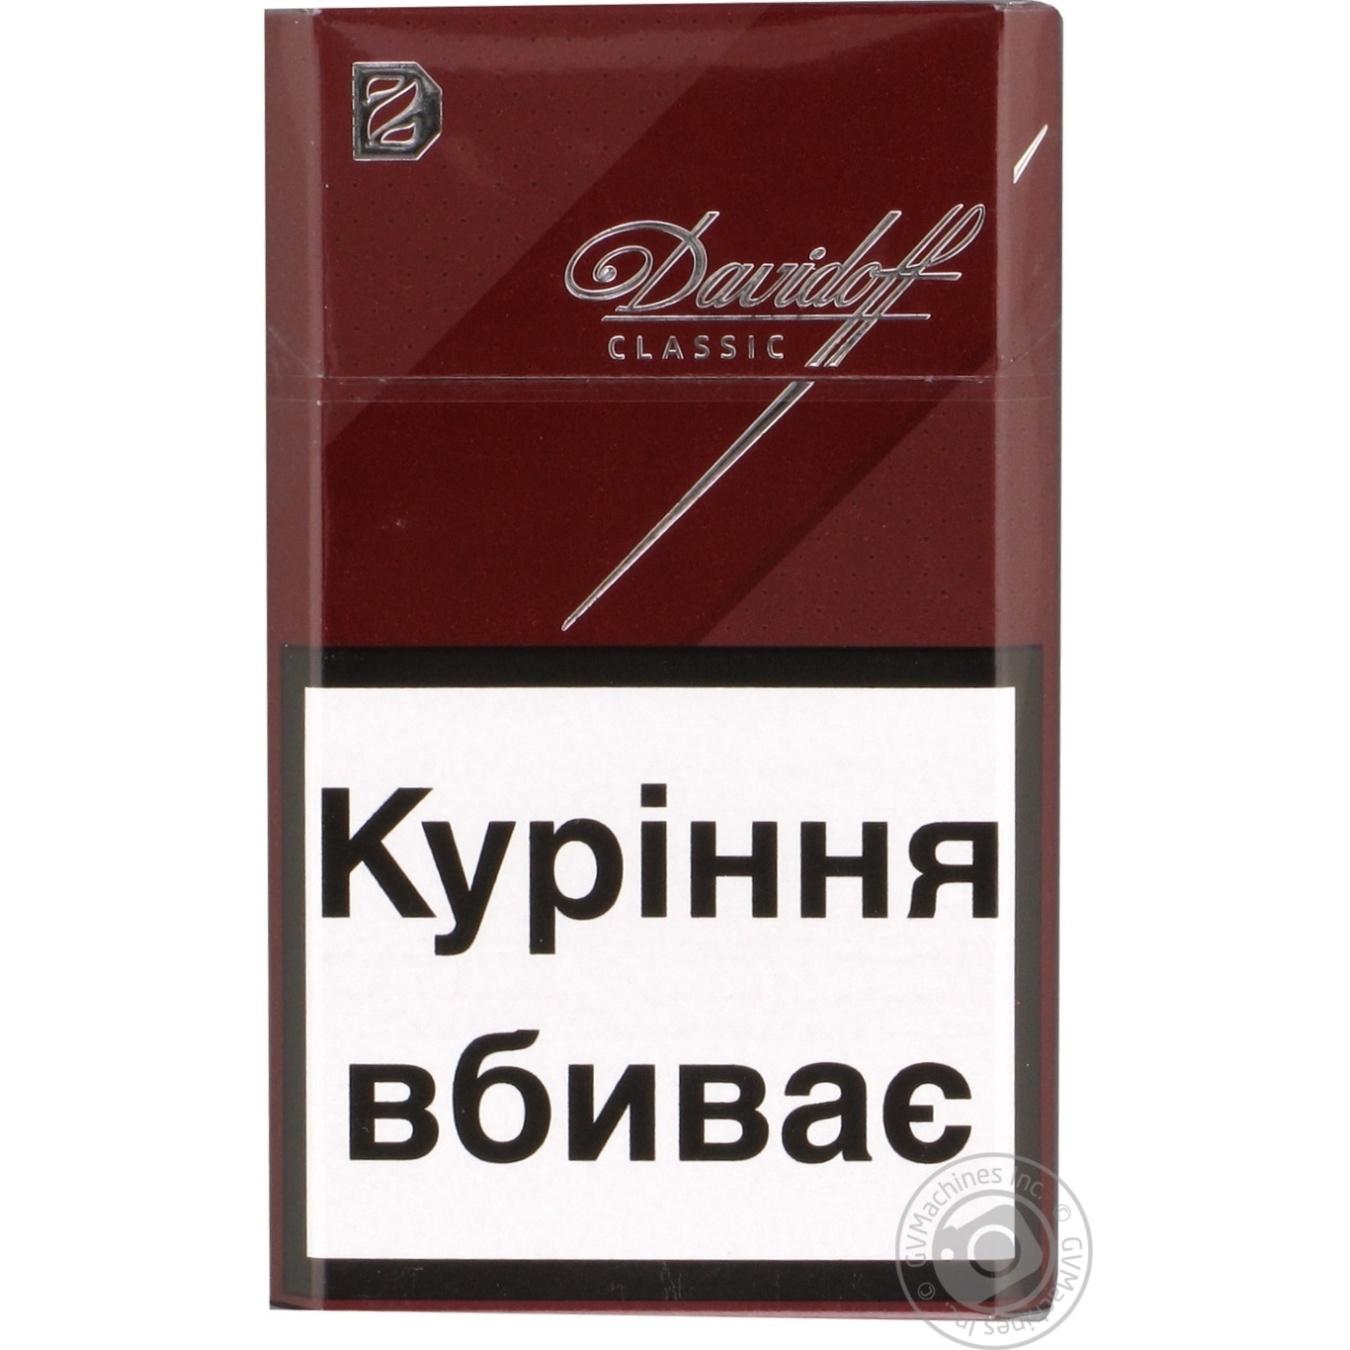 Купить сигареты давыдов классик жидкость для электронных сигарет нижний новгород заказать